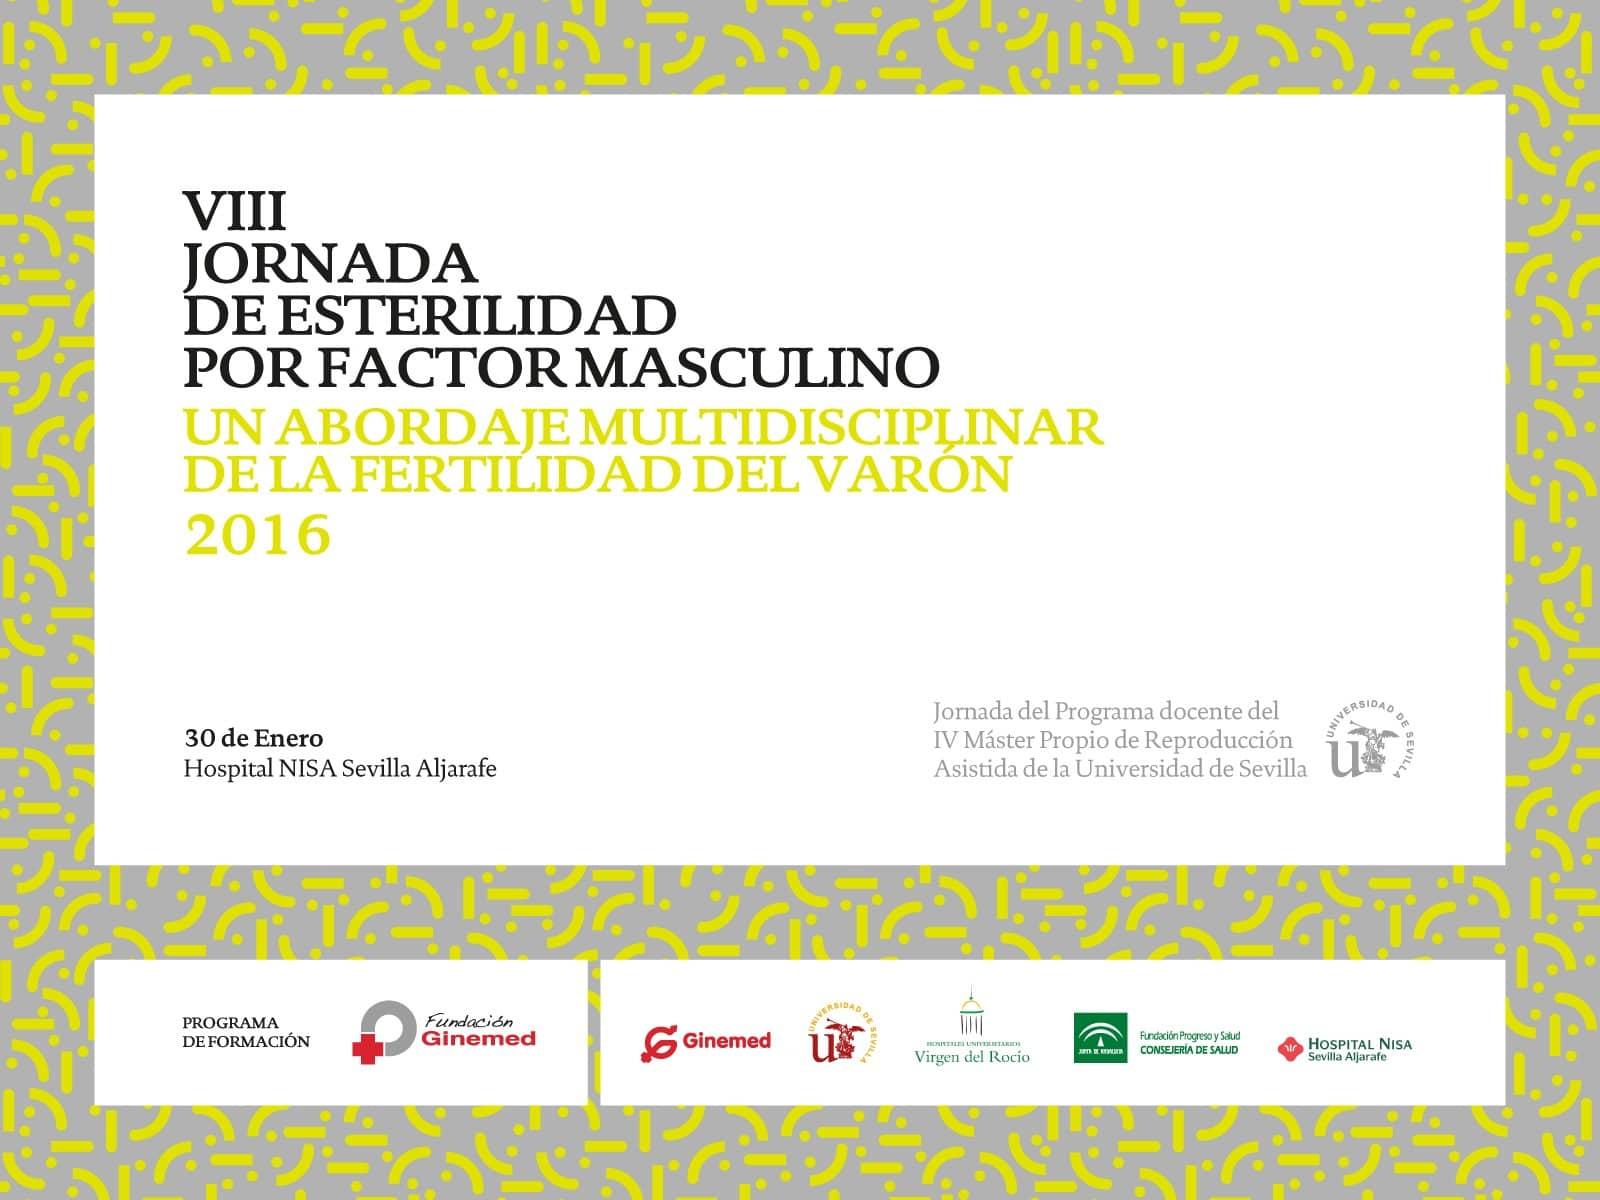 Cartel VIII Jornada de esterilidad por factor masculino. Un abordaje multidisciplinar de la fertilidad del varón 2016